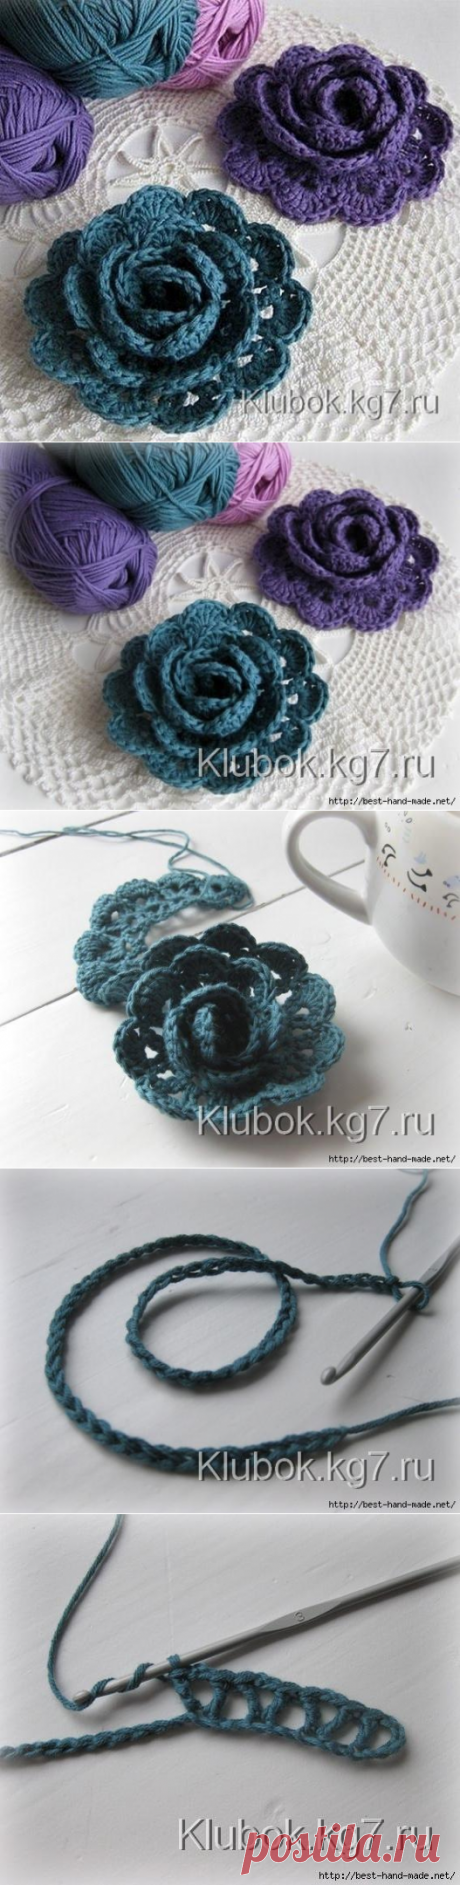 Цветы крючком от Ninuska, Голландия. Мастер-класс | Клубок